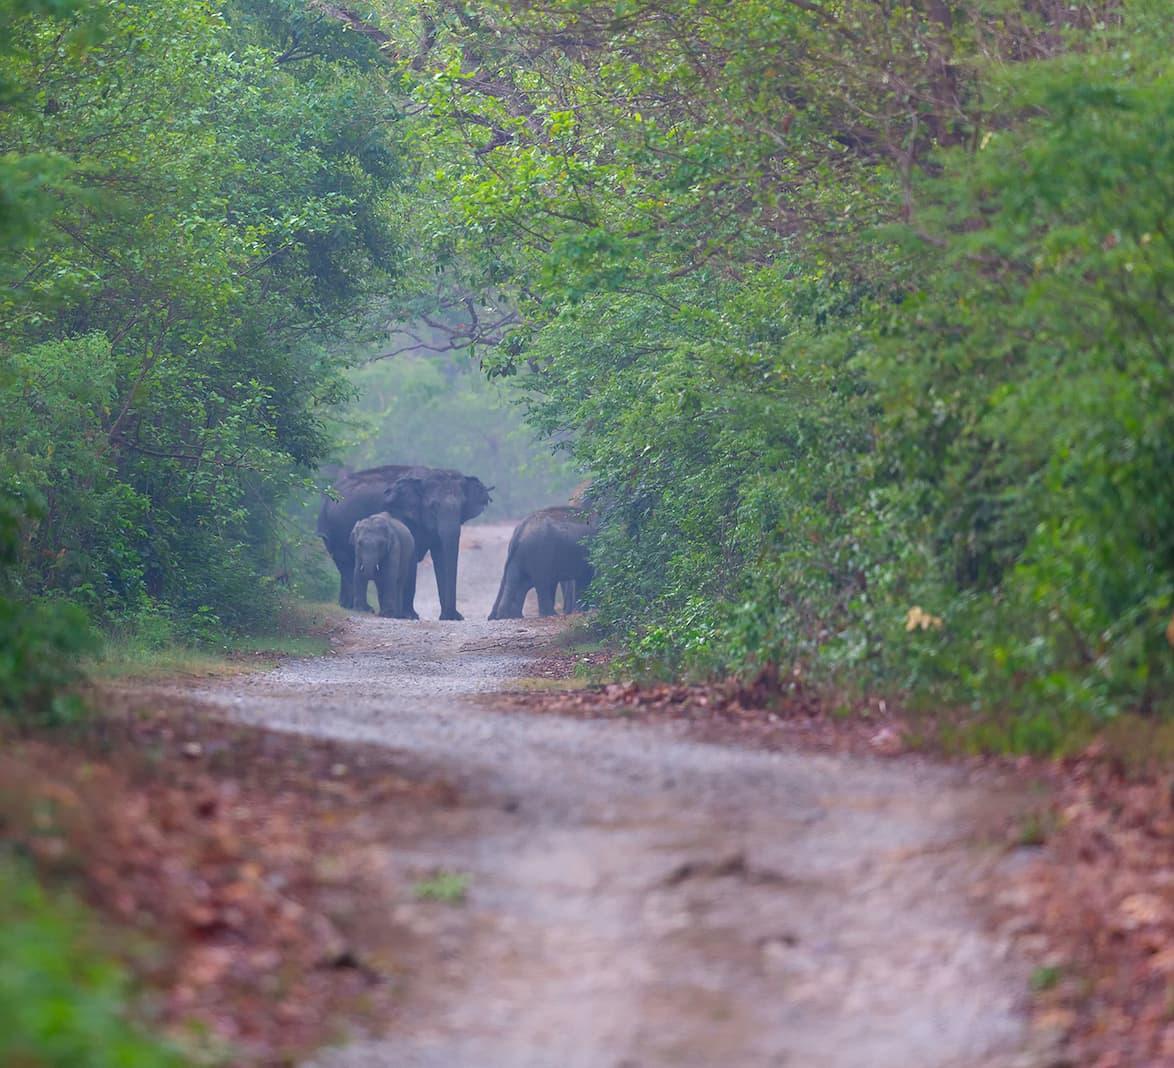 When Elephants Rage